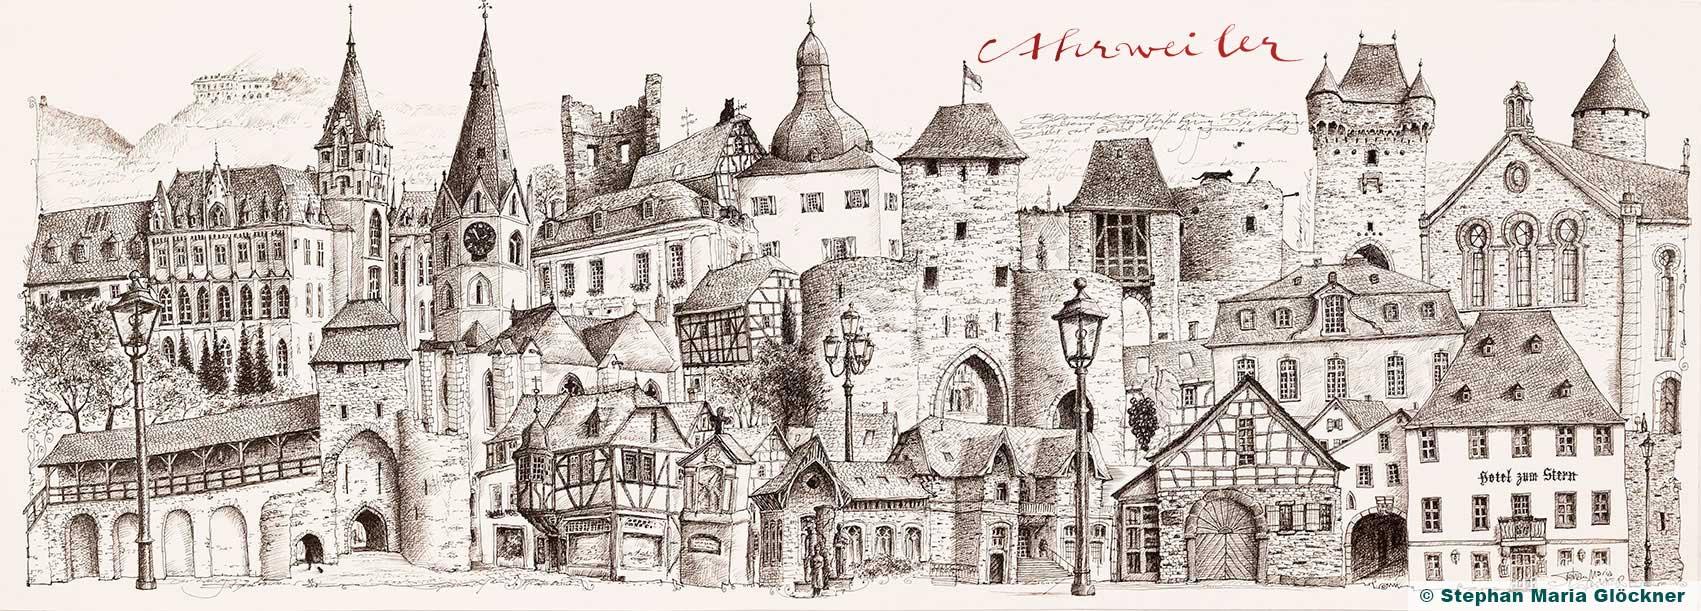 Zeitreise Ahrtal Ahrweiler in schöner Zeichnung von Stephan Maria Glöckner_2019_01_25